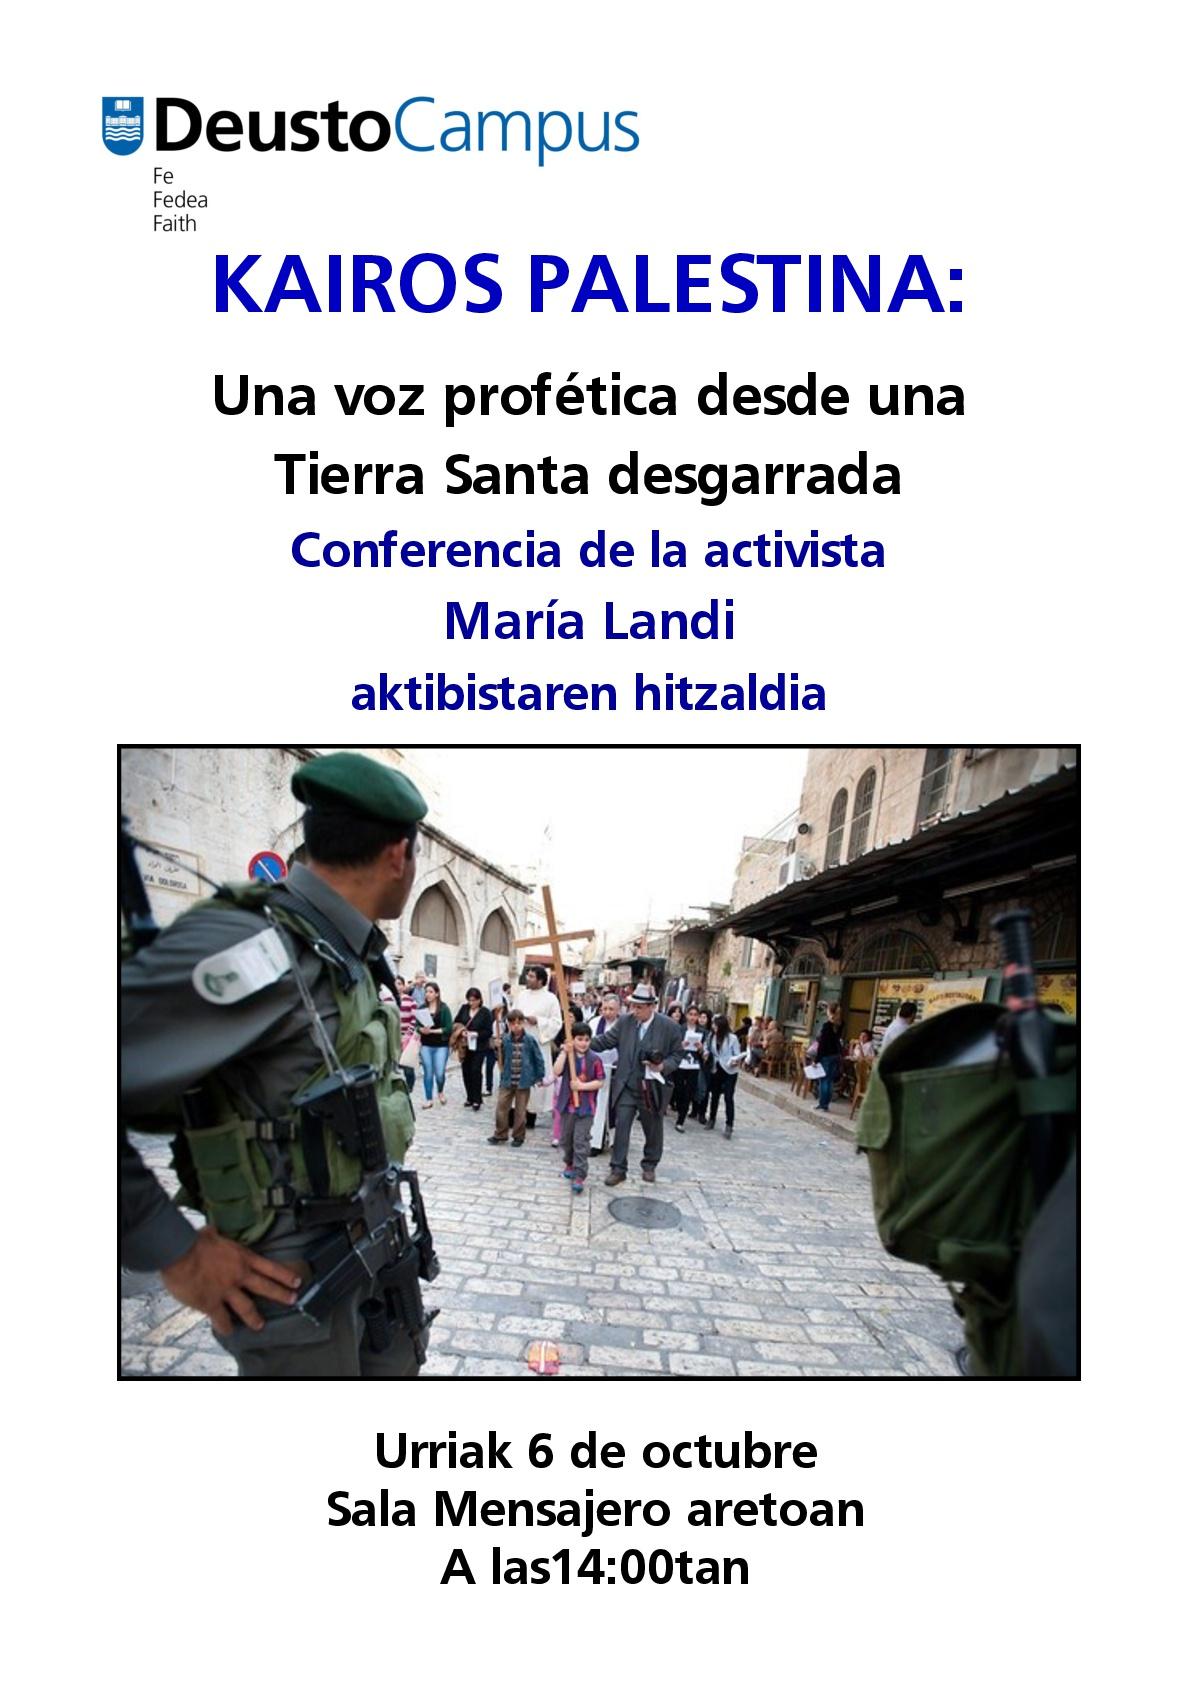 Kairos Palestina 03.10.16 (2)-001